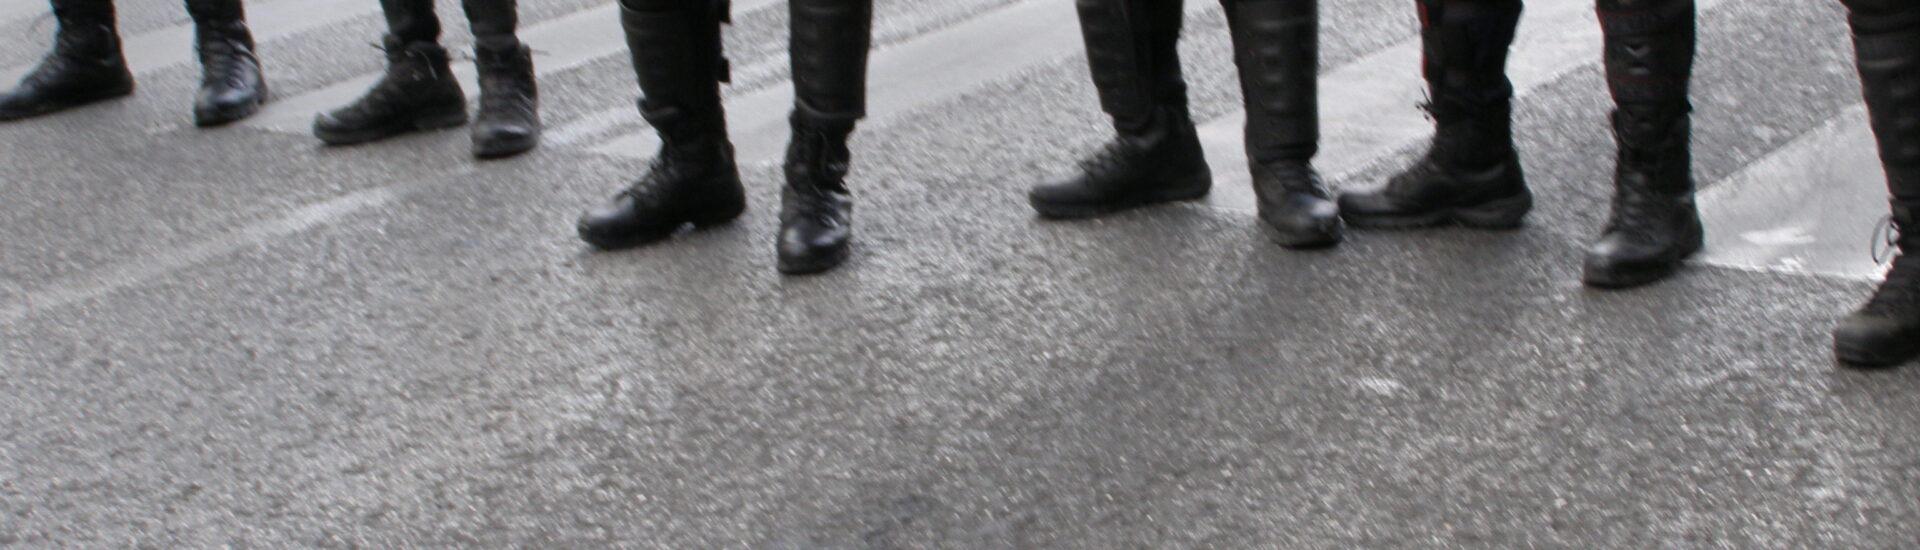 Αστυνομική βαρβαρότητα και στα Σεπόλια